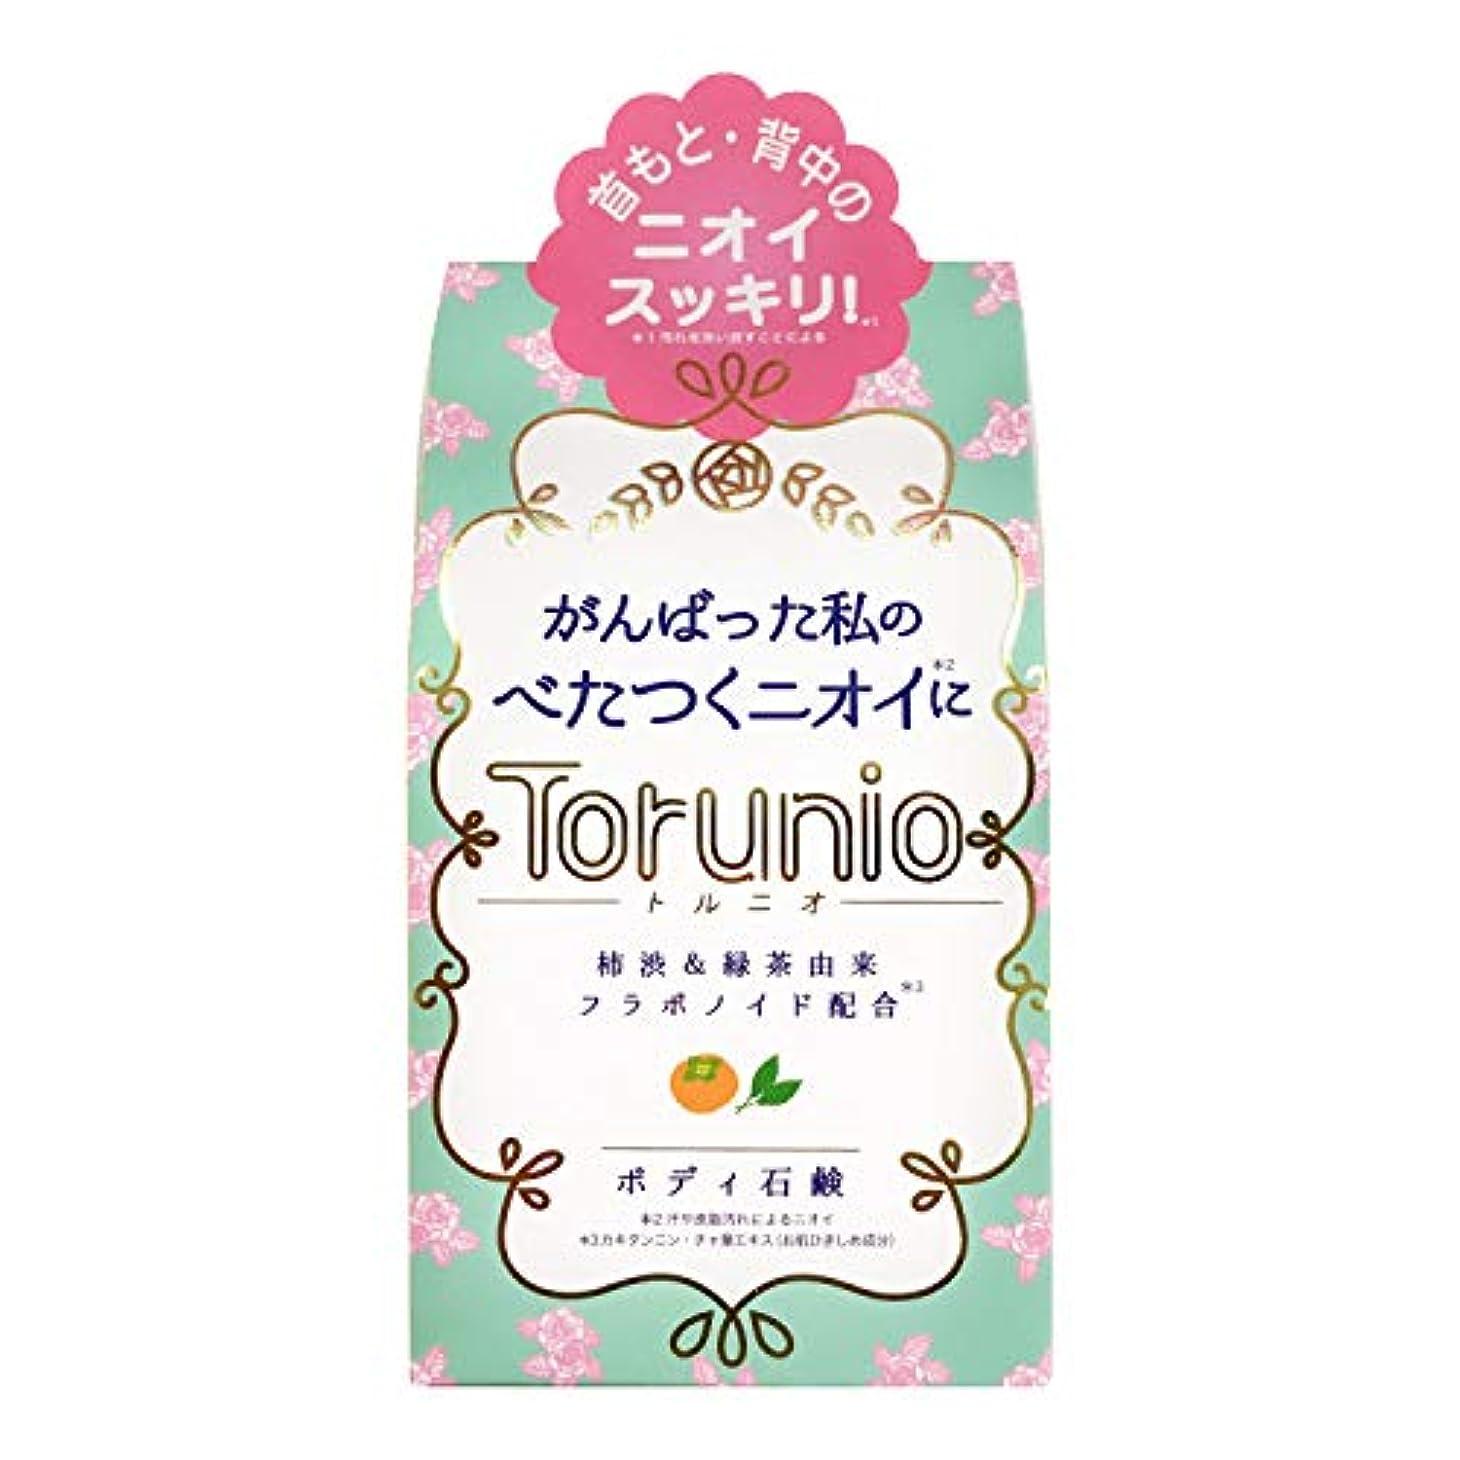 四回美徳定刻Torunio(トルニオ)石鹸 100g